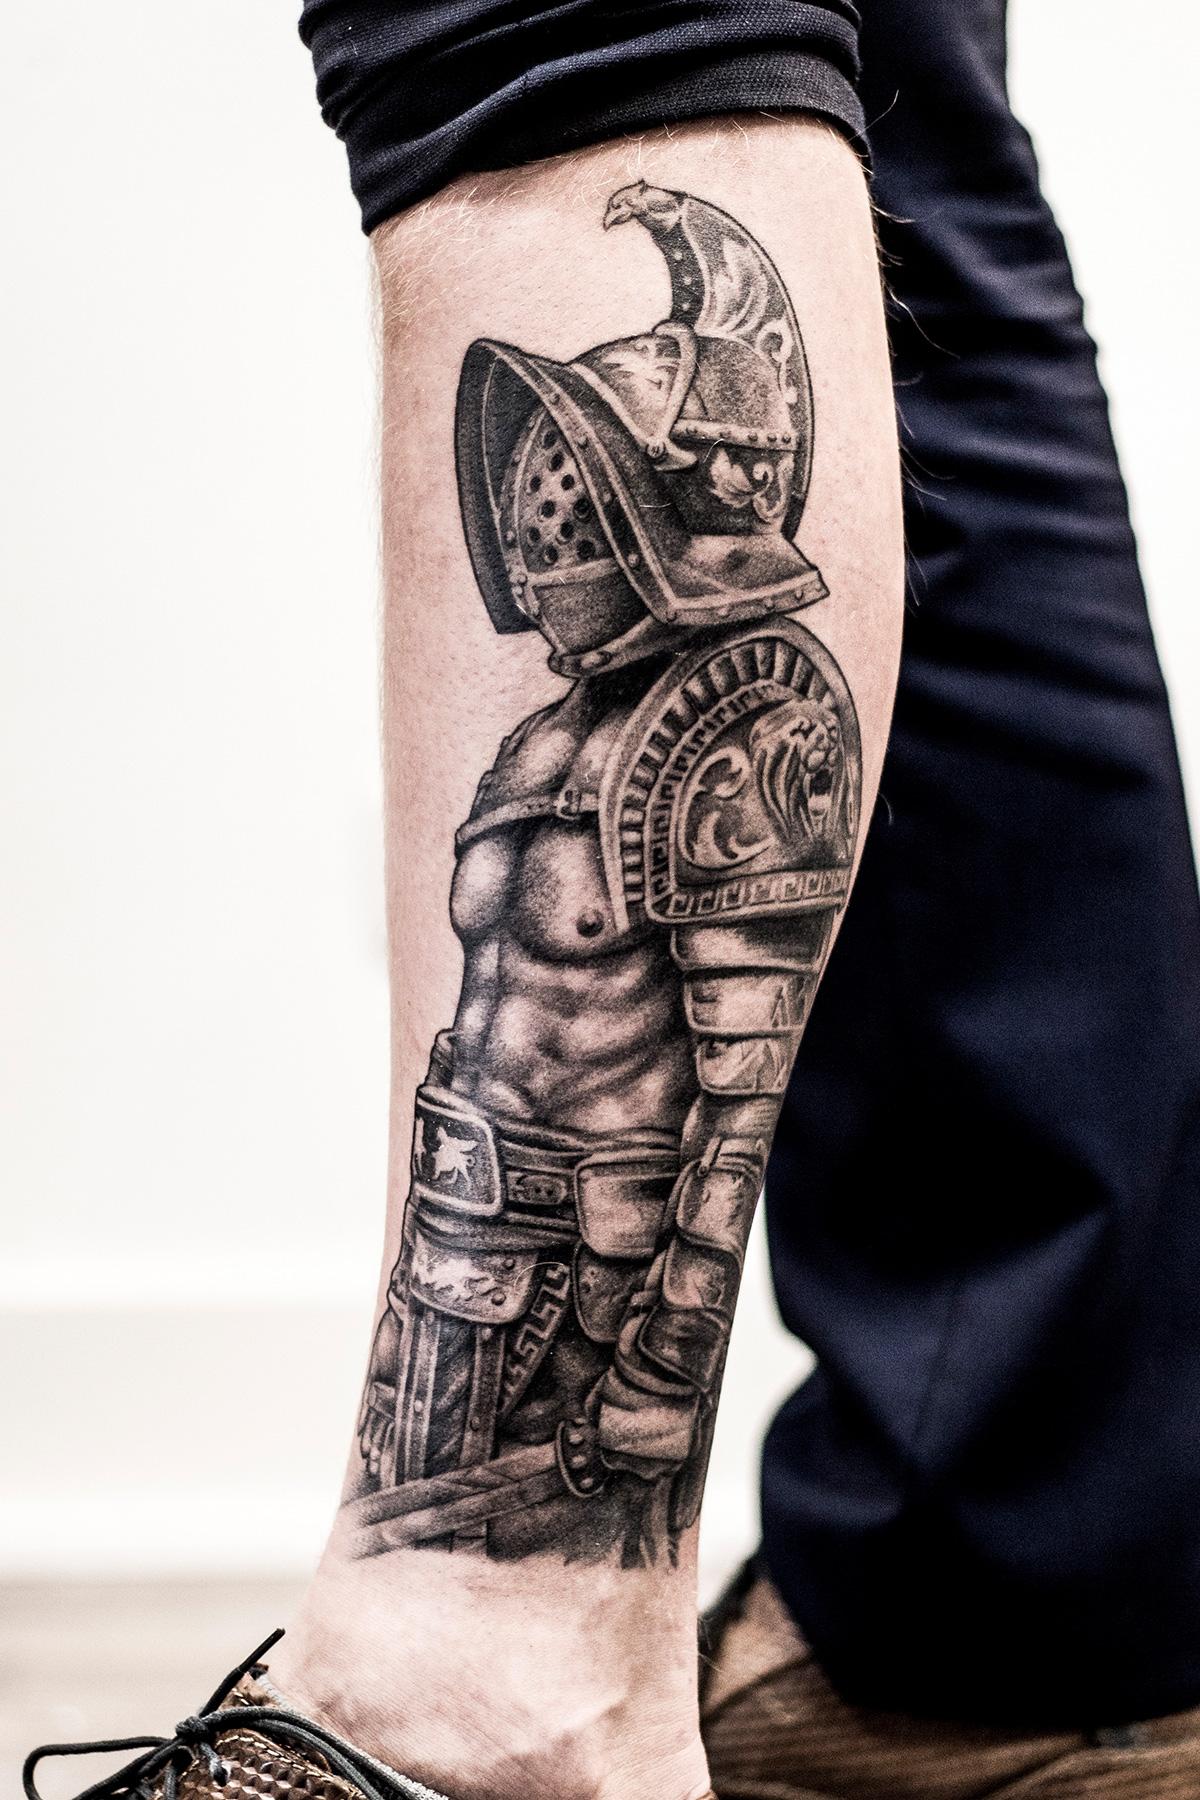 Realistic Roman Gladiator Calf Tattoo Jannes de Groot Tattoo